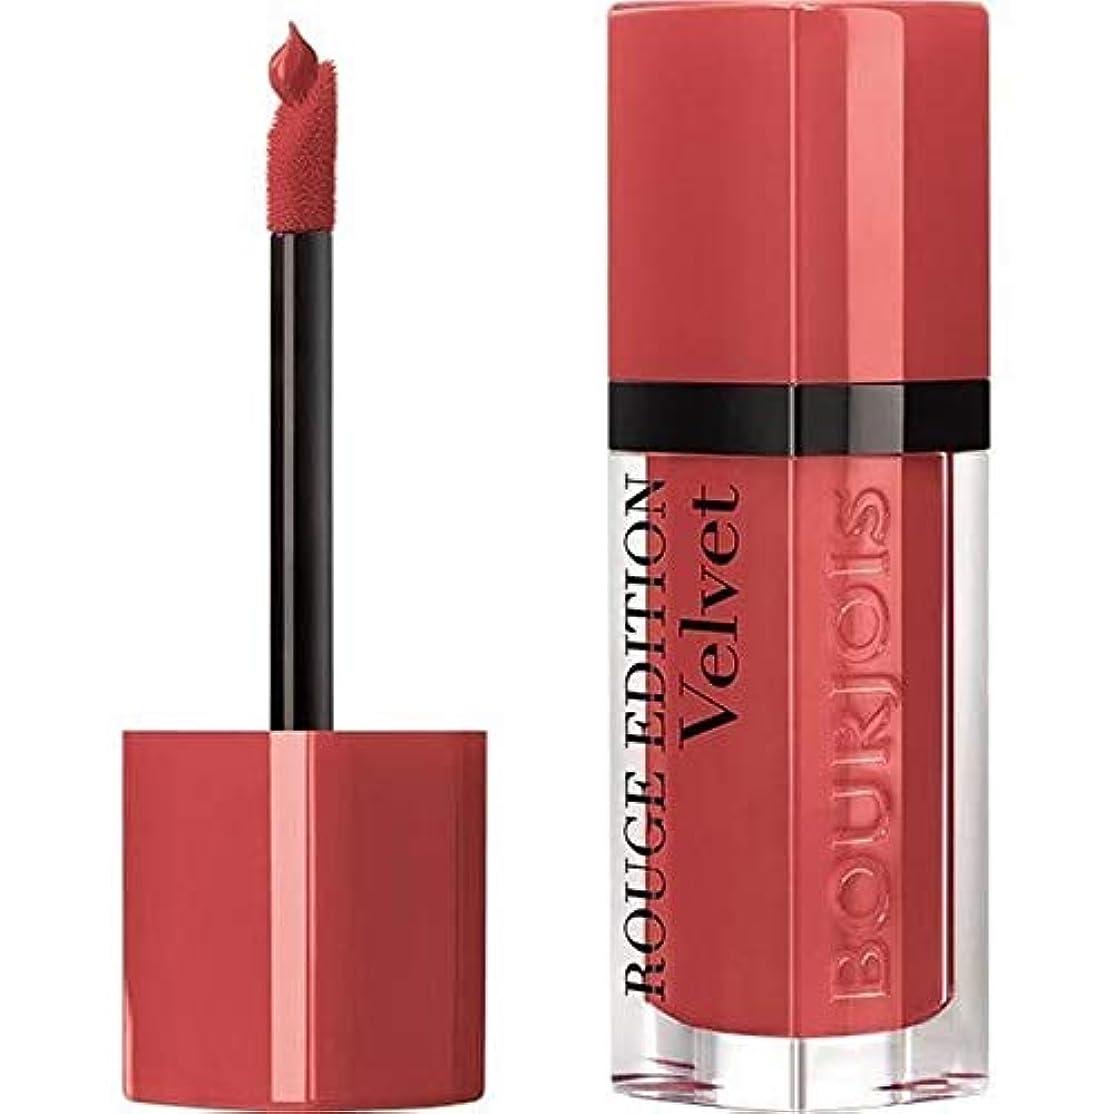 抽出交換行く[Bourjois ] ブルジョワルージュ版ベルベットの口紅の桃クラブ4 - Bourjois Rouge Edition Velvet lipstick Peach Club 4 [並行輸入品]